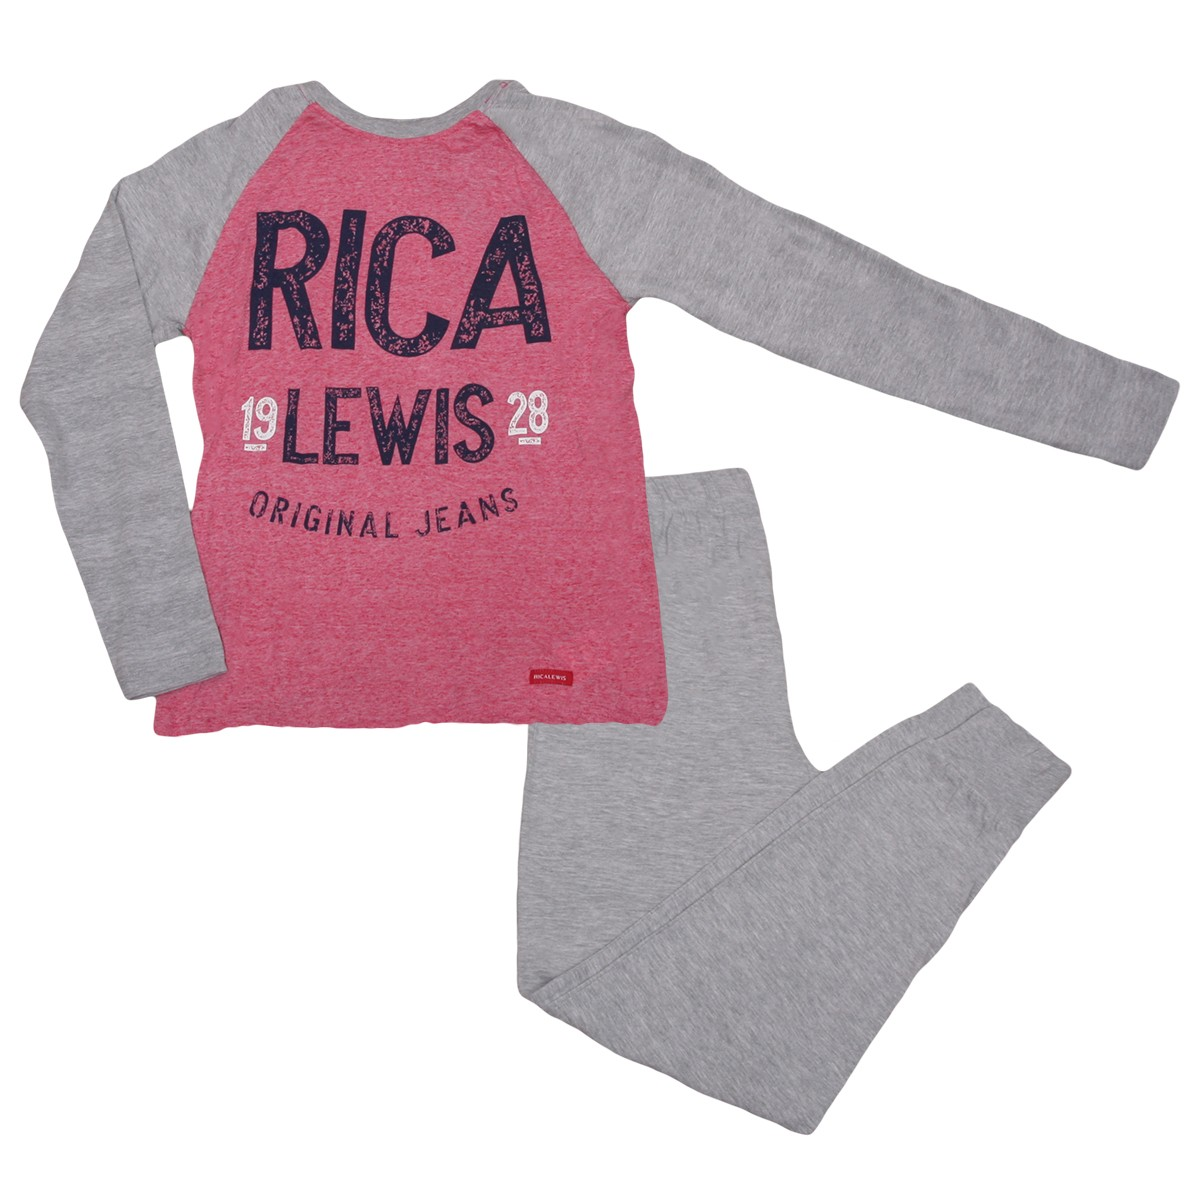 d7dd24dda9ba7 Catégorie Pyjamas bébés - enfants page 2 - Guide des produits